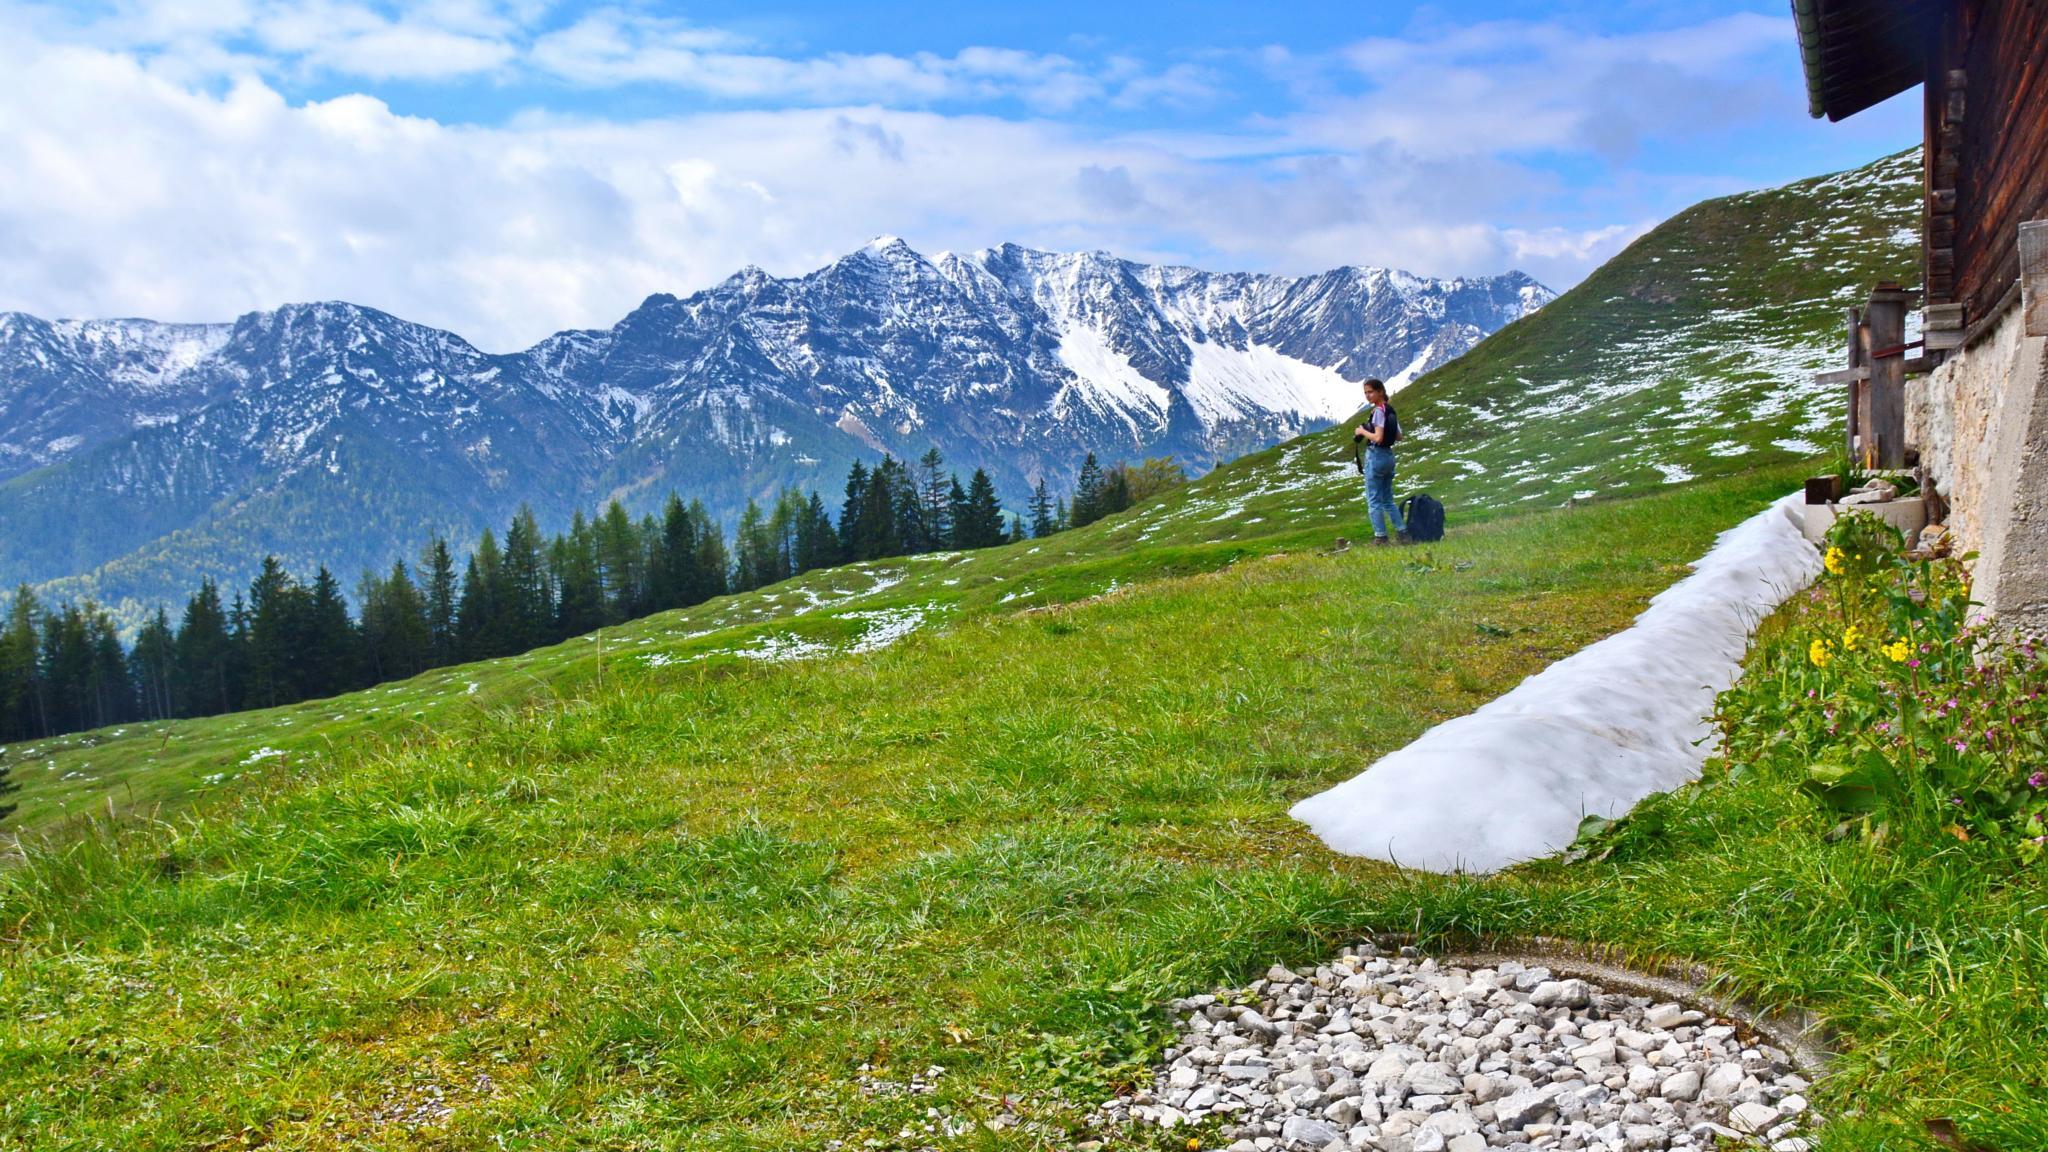 enjoying nature by klaus.deischl